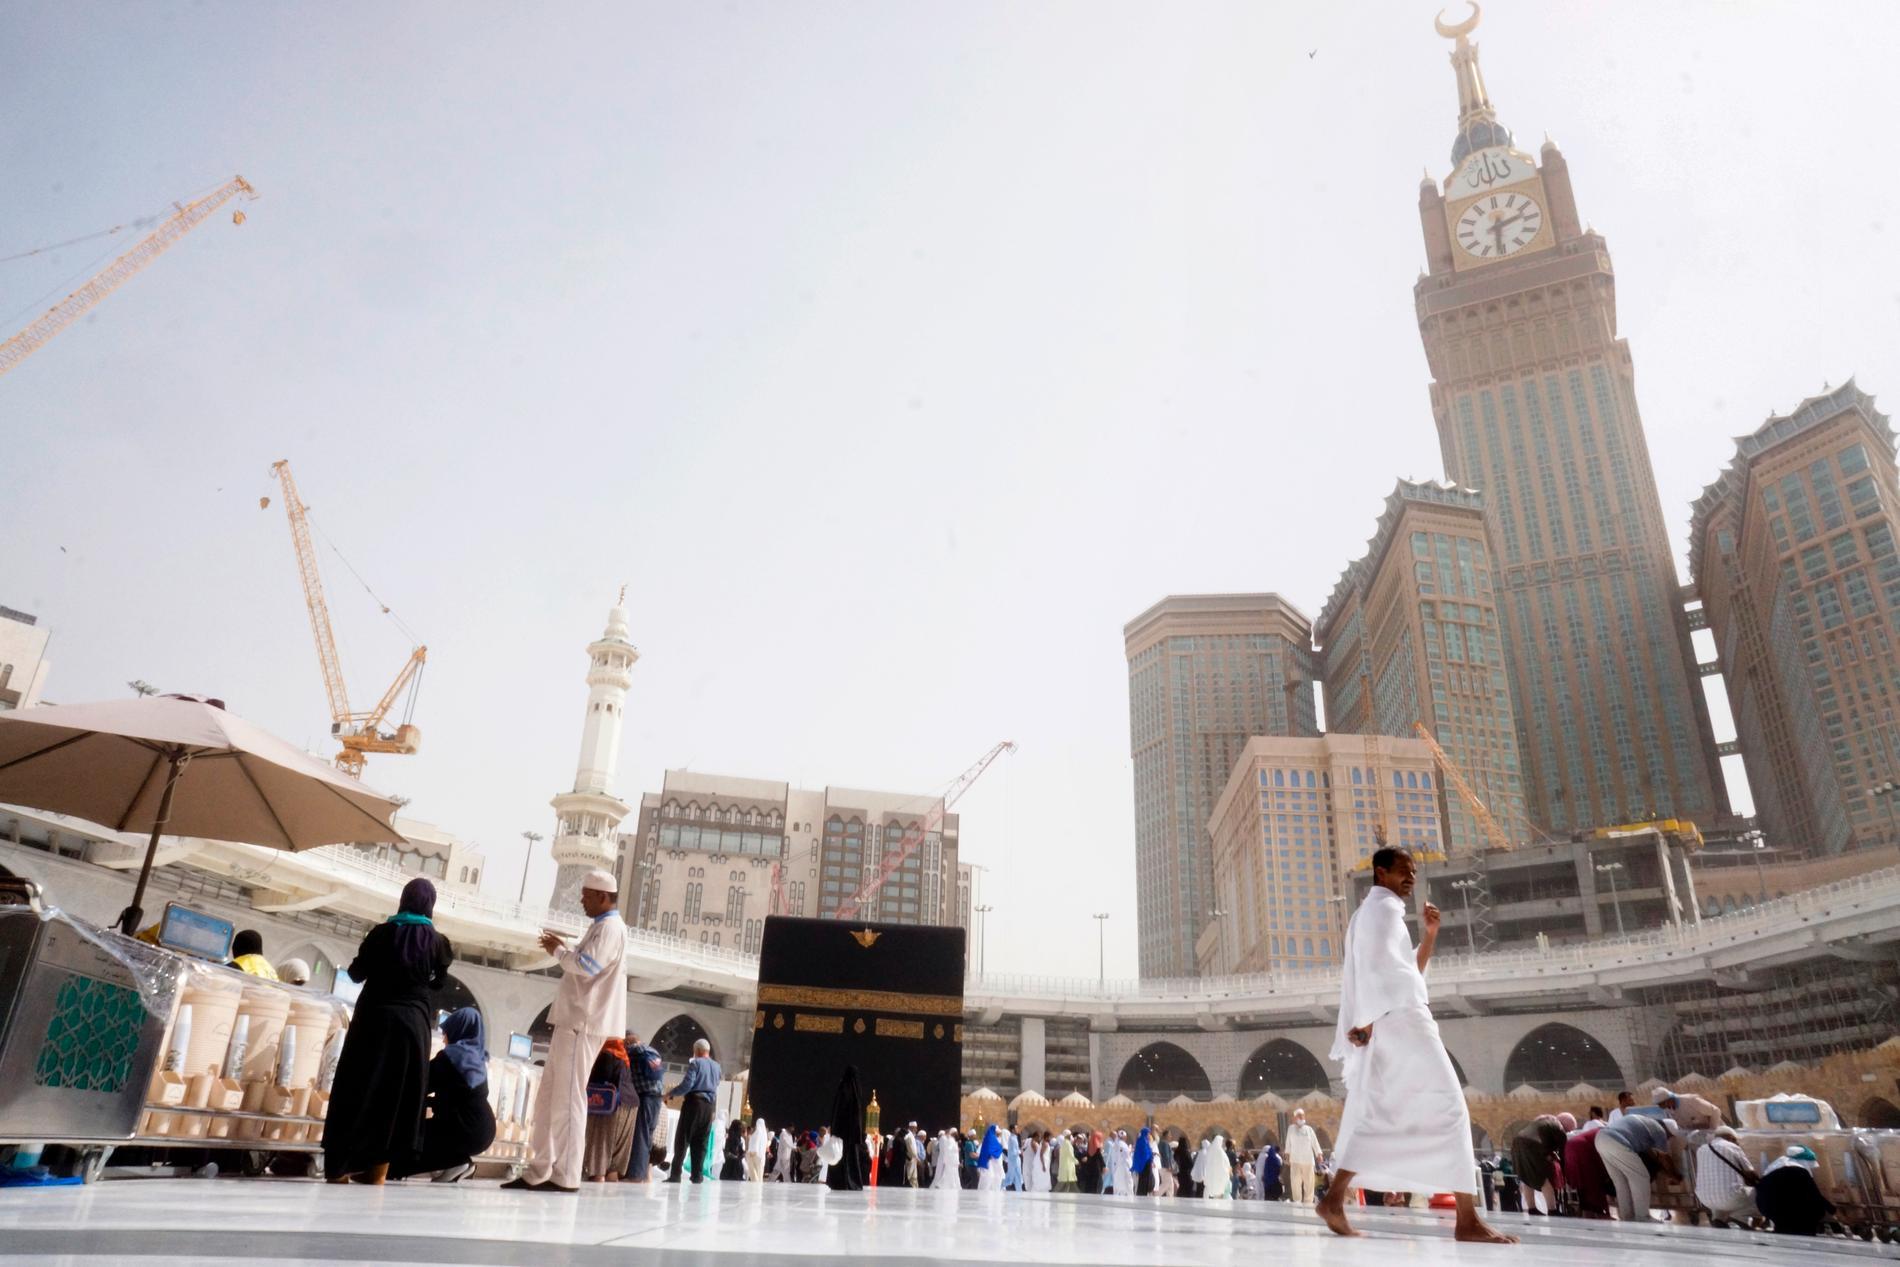 Saudiarabien stoppar vallfärder till de heliga platserna i Mecka och Medina. Bilden visar ett fåtal pilgrimer vid Kaba i Mecka, i måndags.